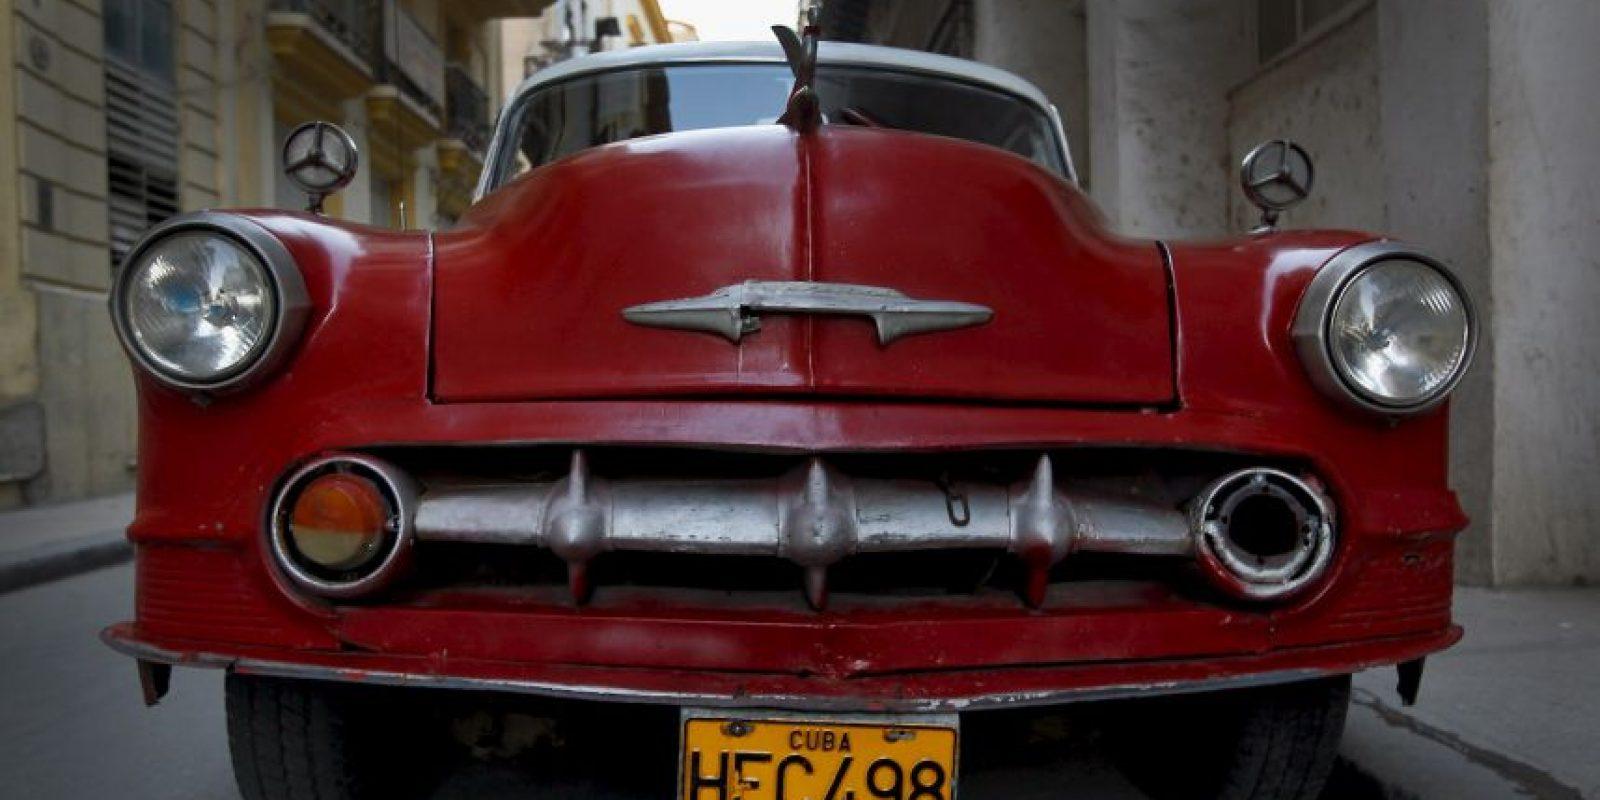 Los cubanos podrán disfrutar de mejores cosas. Foto:Getty Images